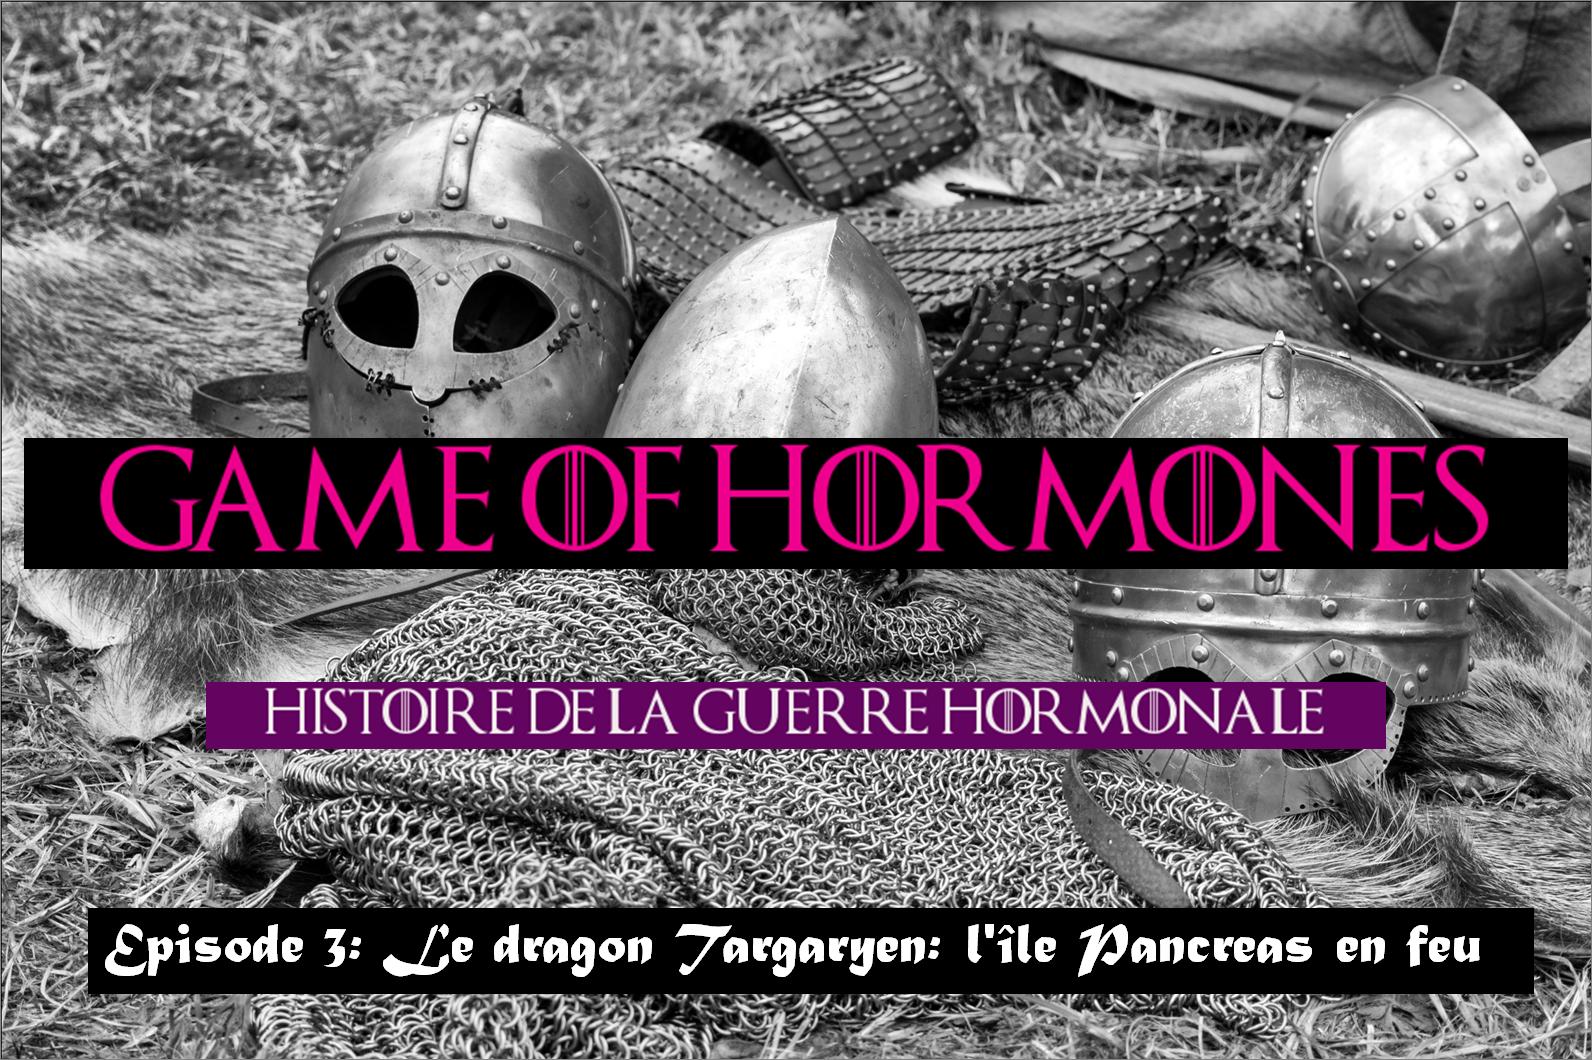 Game of Hormones 3: le dragon Targaryen, l'île Pancreas en feu